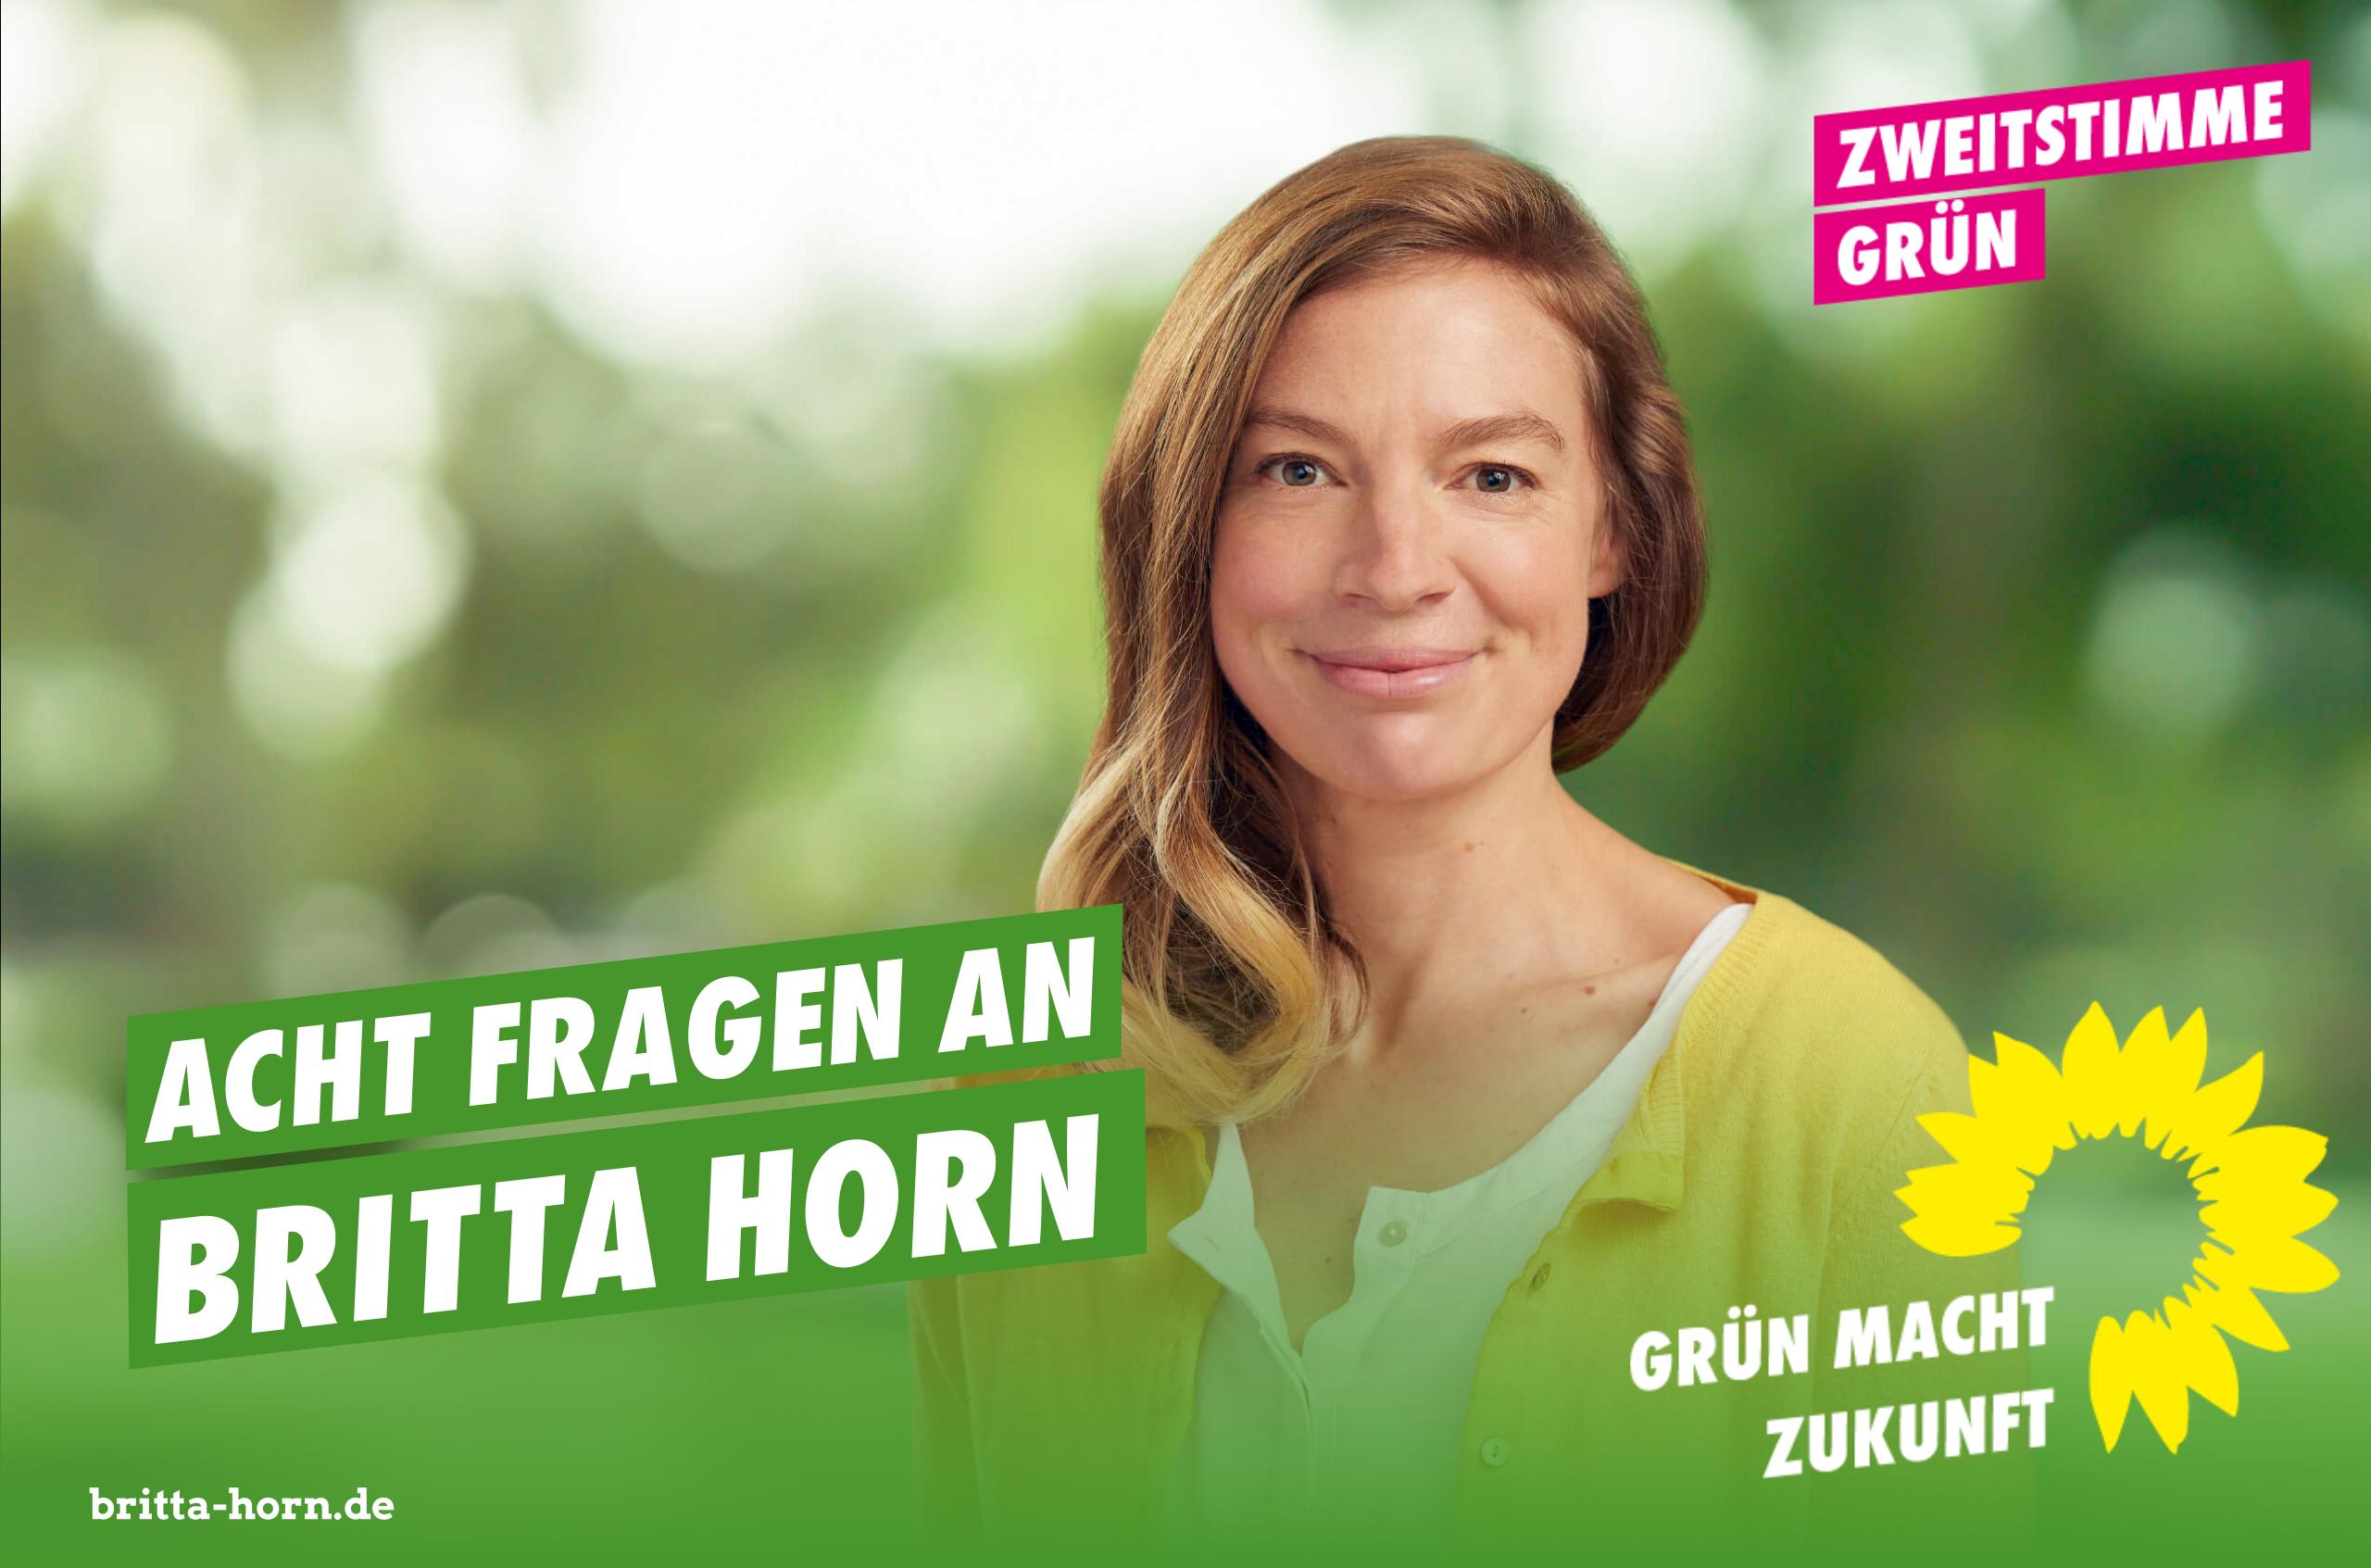 Acht Fragen an Britta Horn